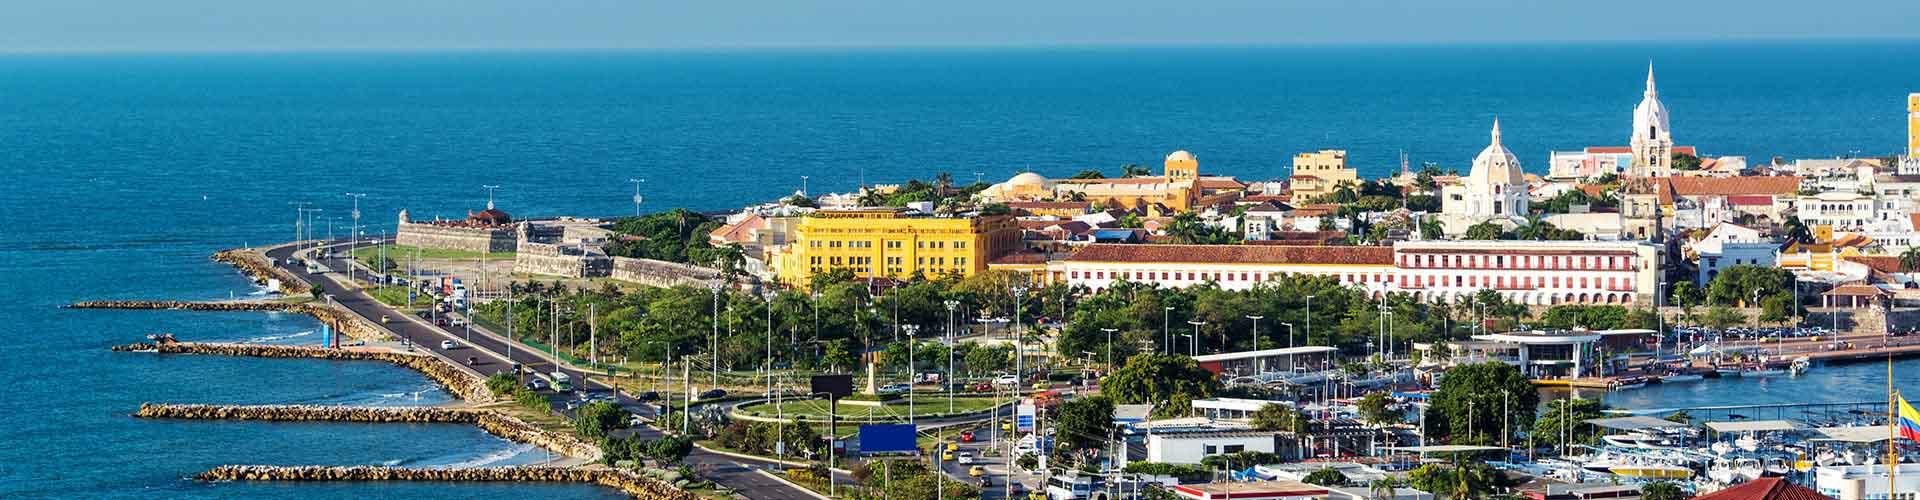 Cartagena - Albergues en Cartagena. Mapas de Cartagena, Fotos y Comentarios para cada Albergue en Cartagena.